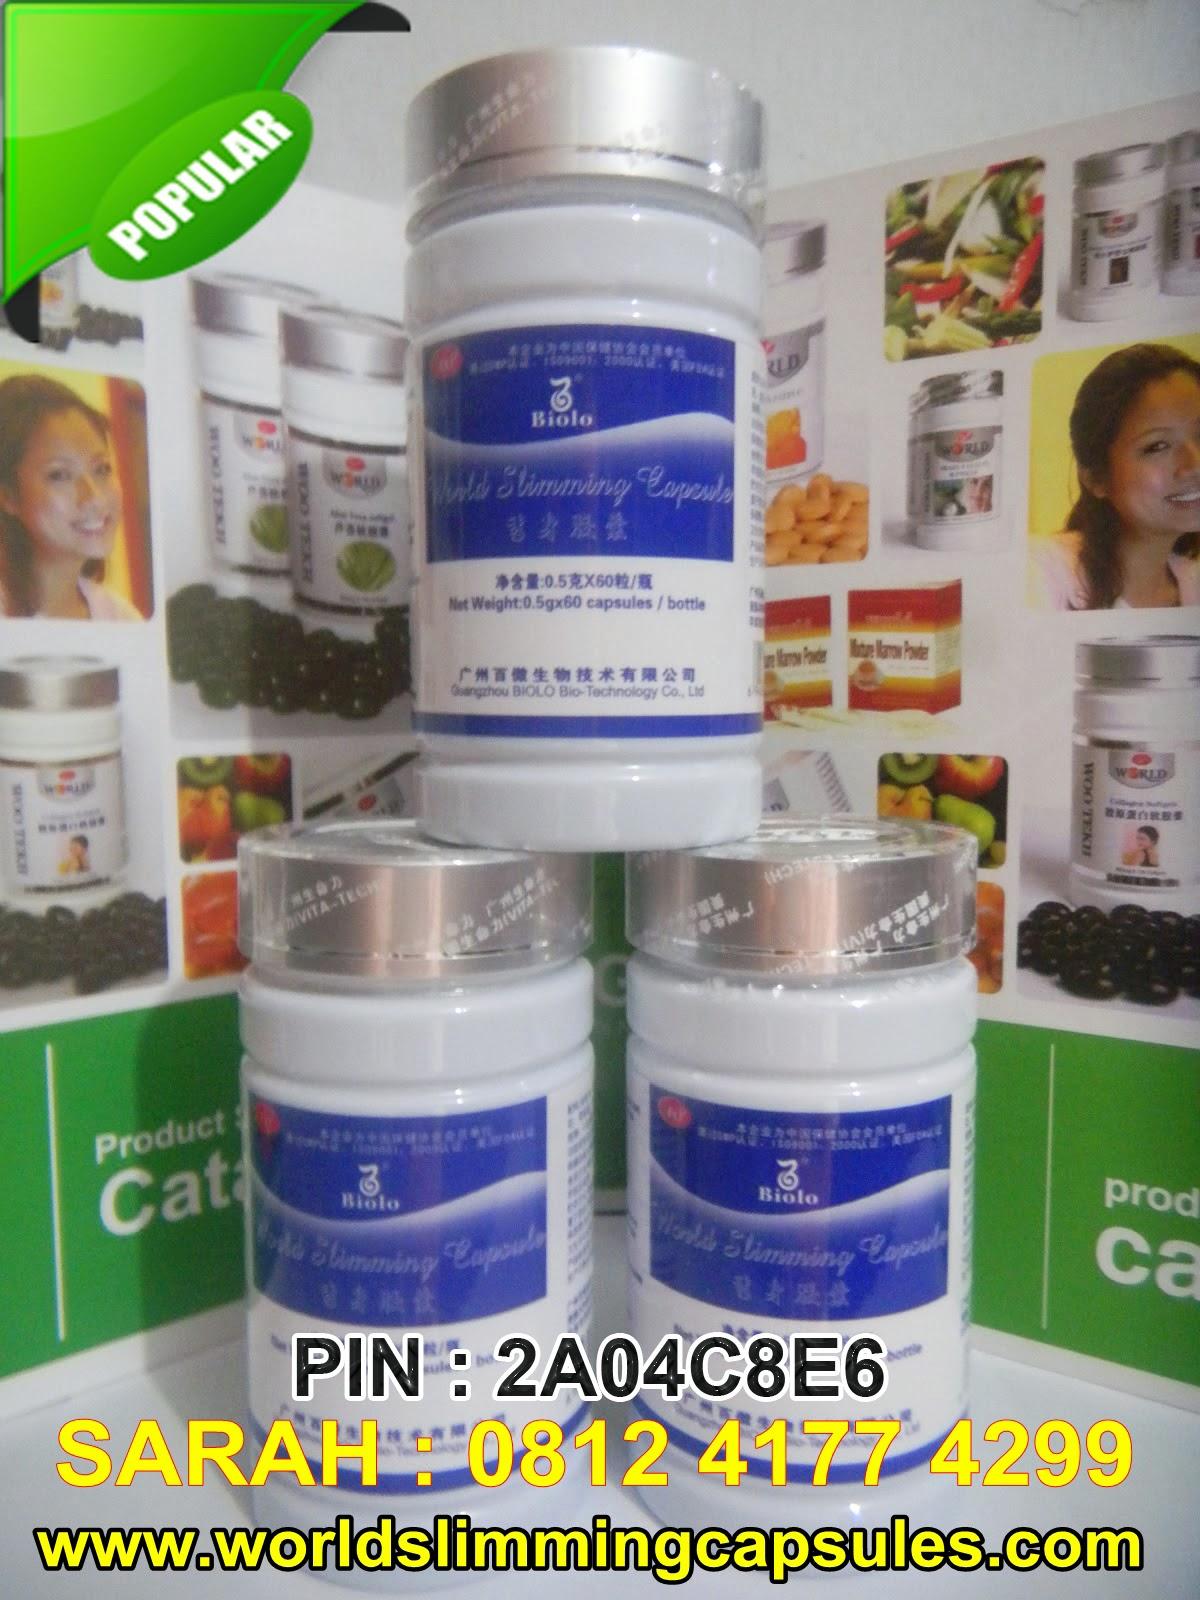 Wsc biolo, Biolo, Slimming, Slimming capsule